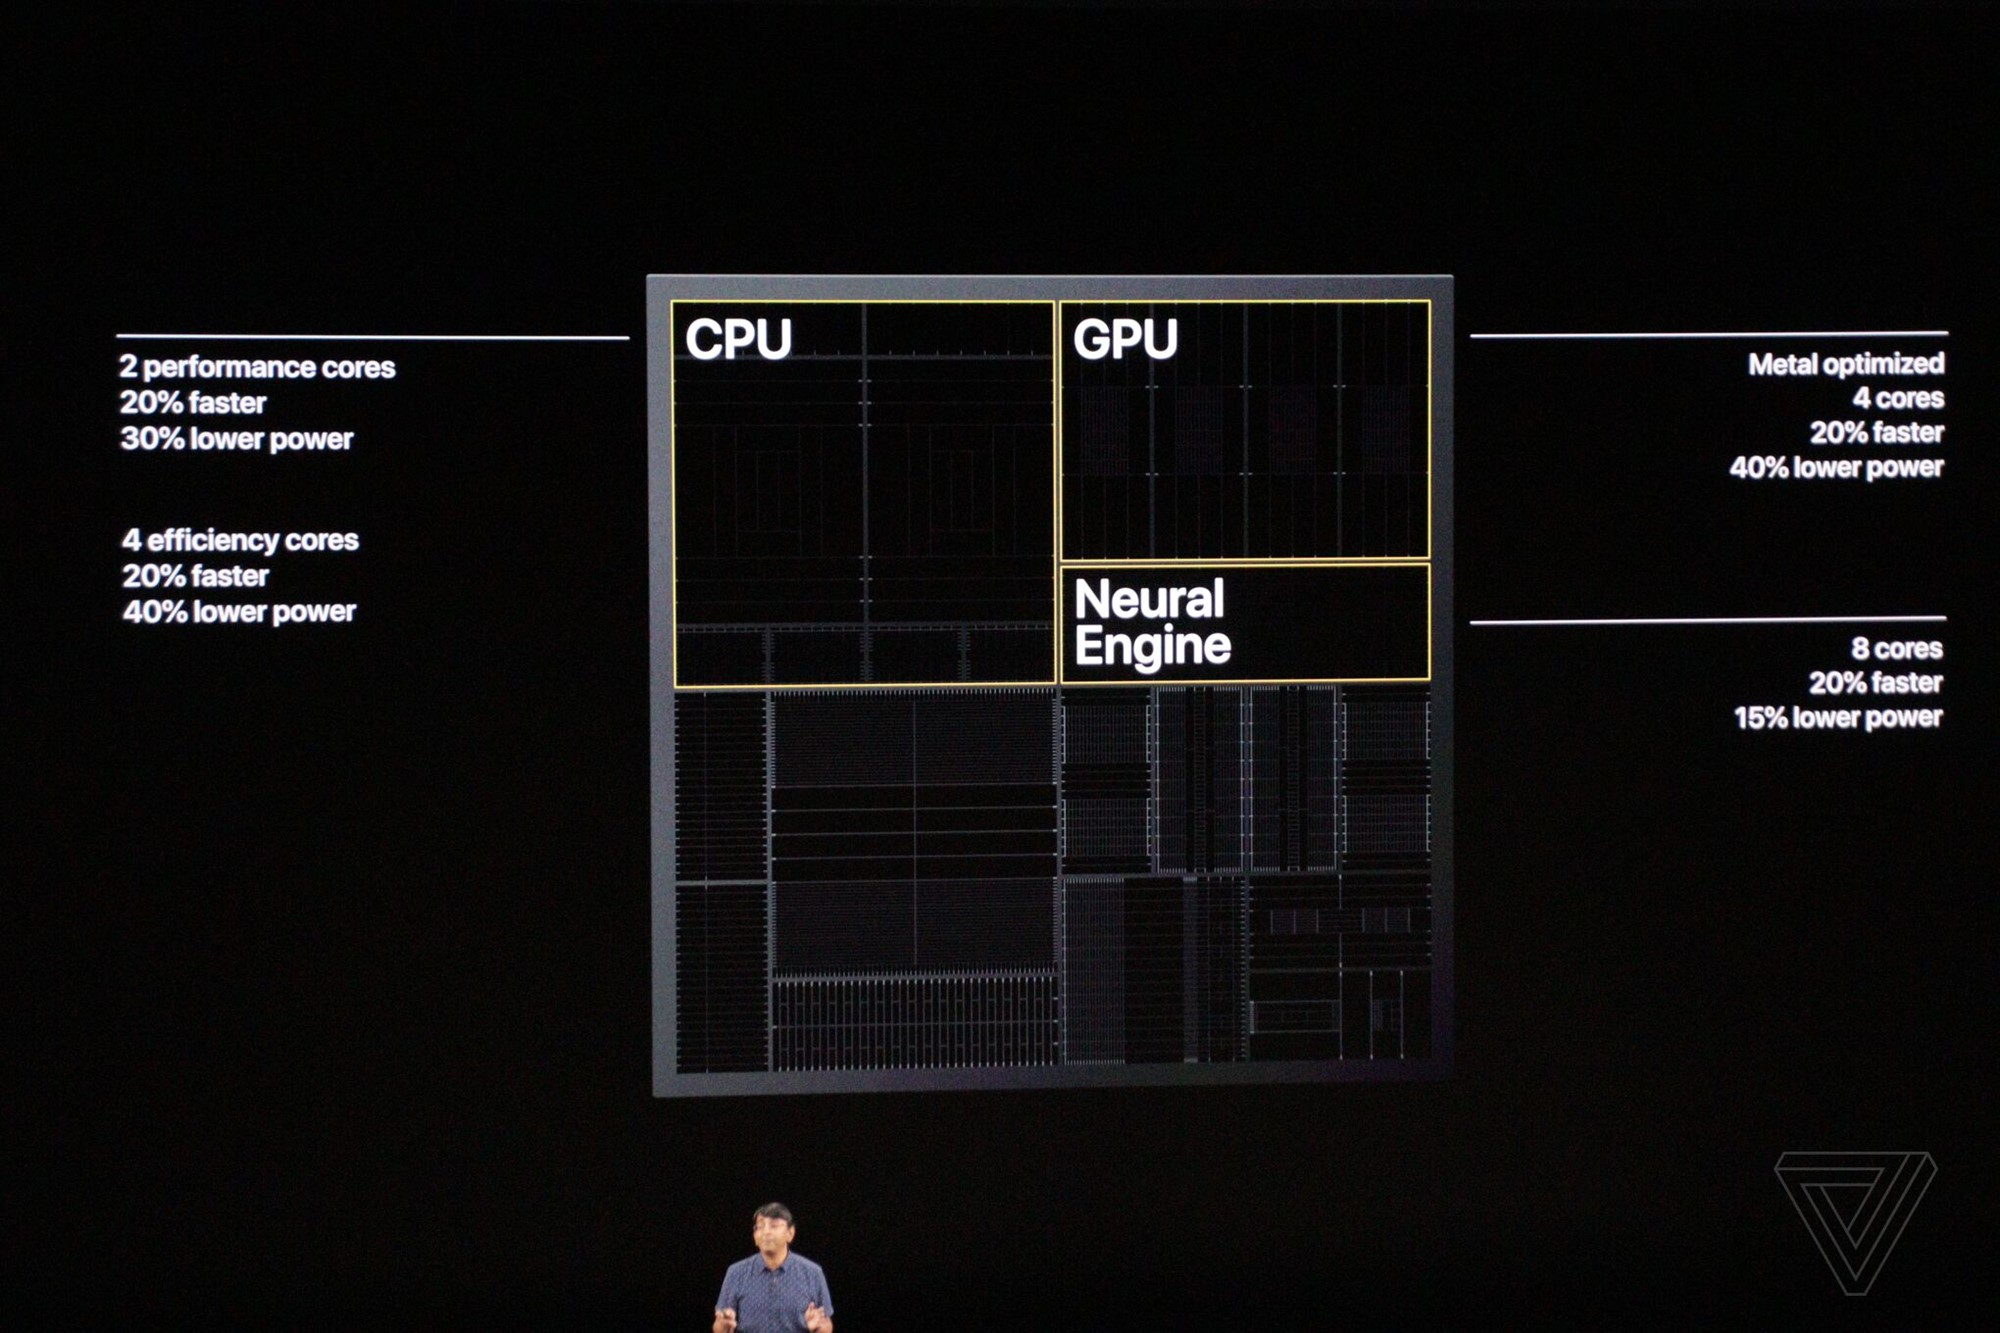 بنچمارک آیفون ۱۱ با اپل A13 بایونیک موبایل های اندرویدی را تحقیر کرد!